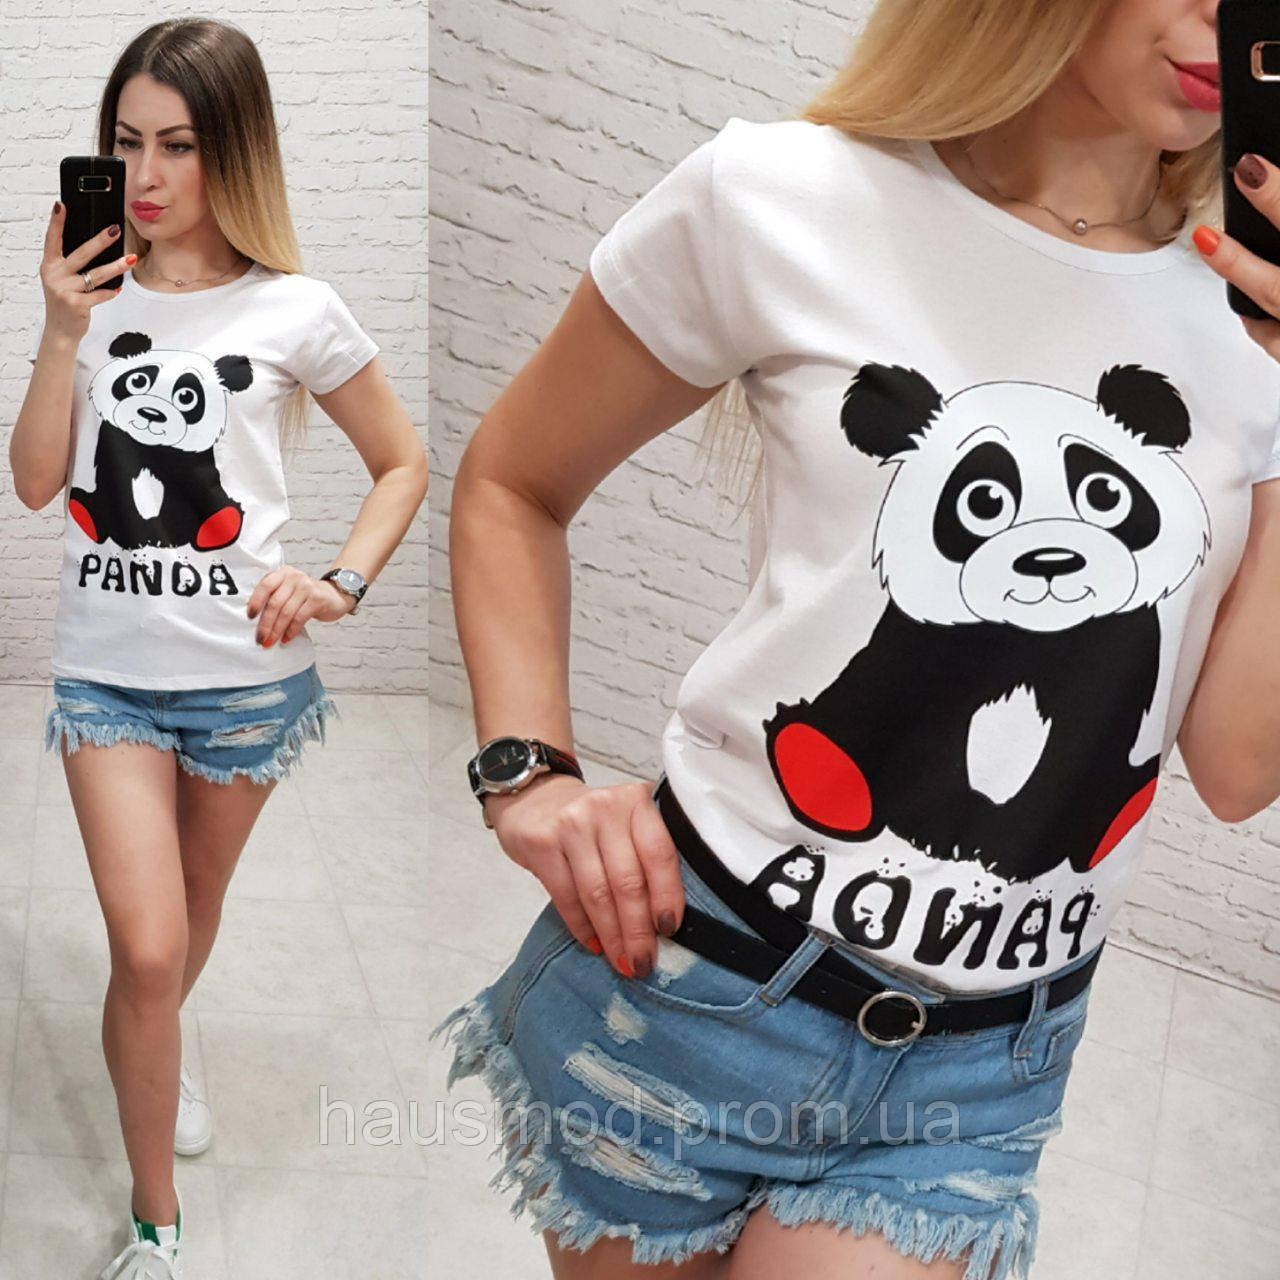 Женская футболка летняя рисунок Панда 100% катон качество турция цвет белый